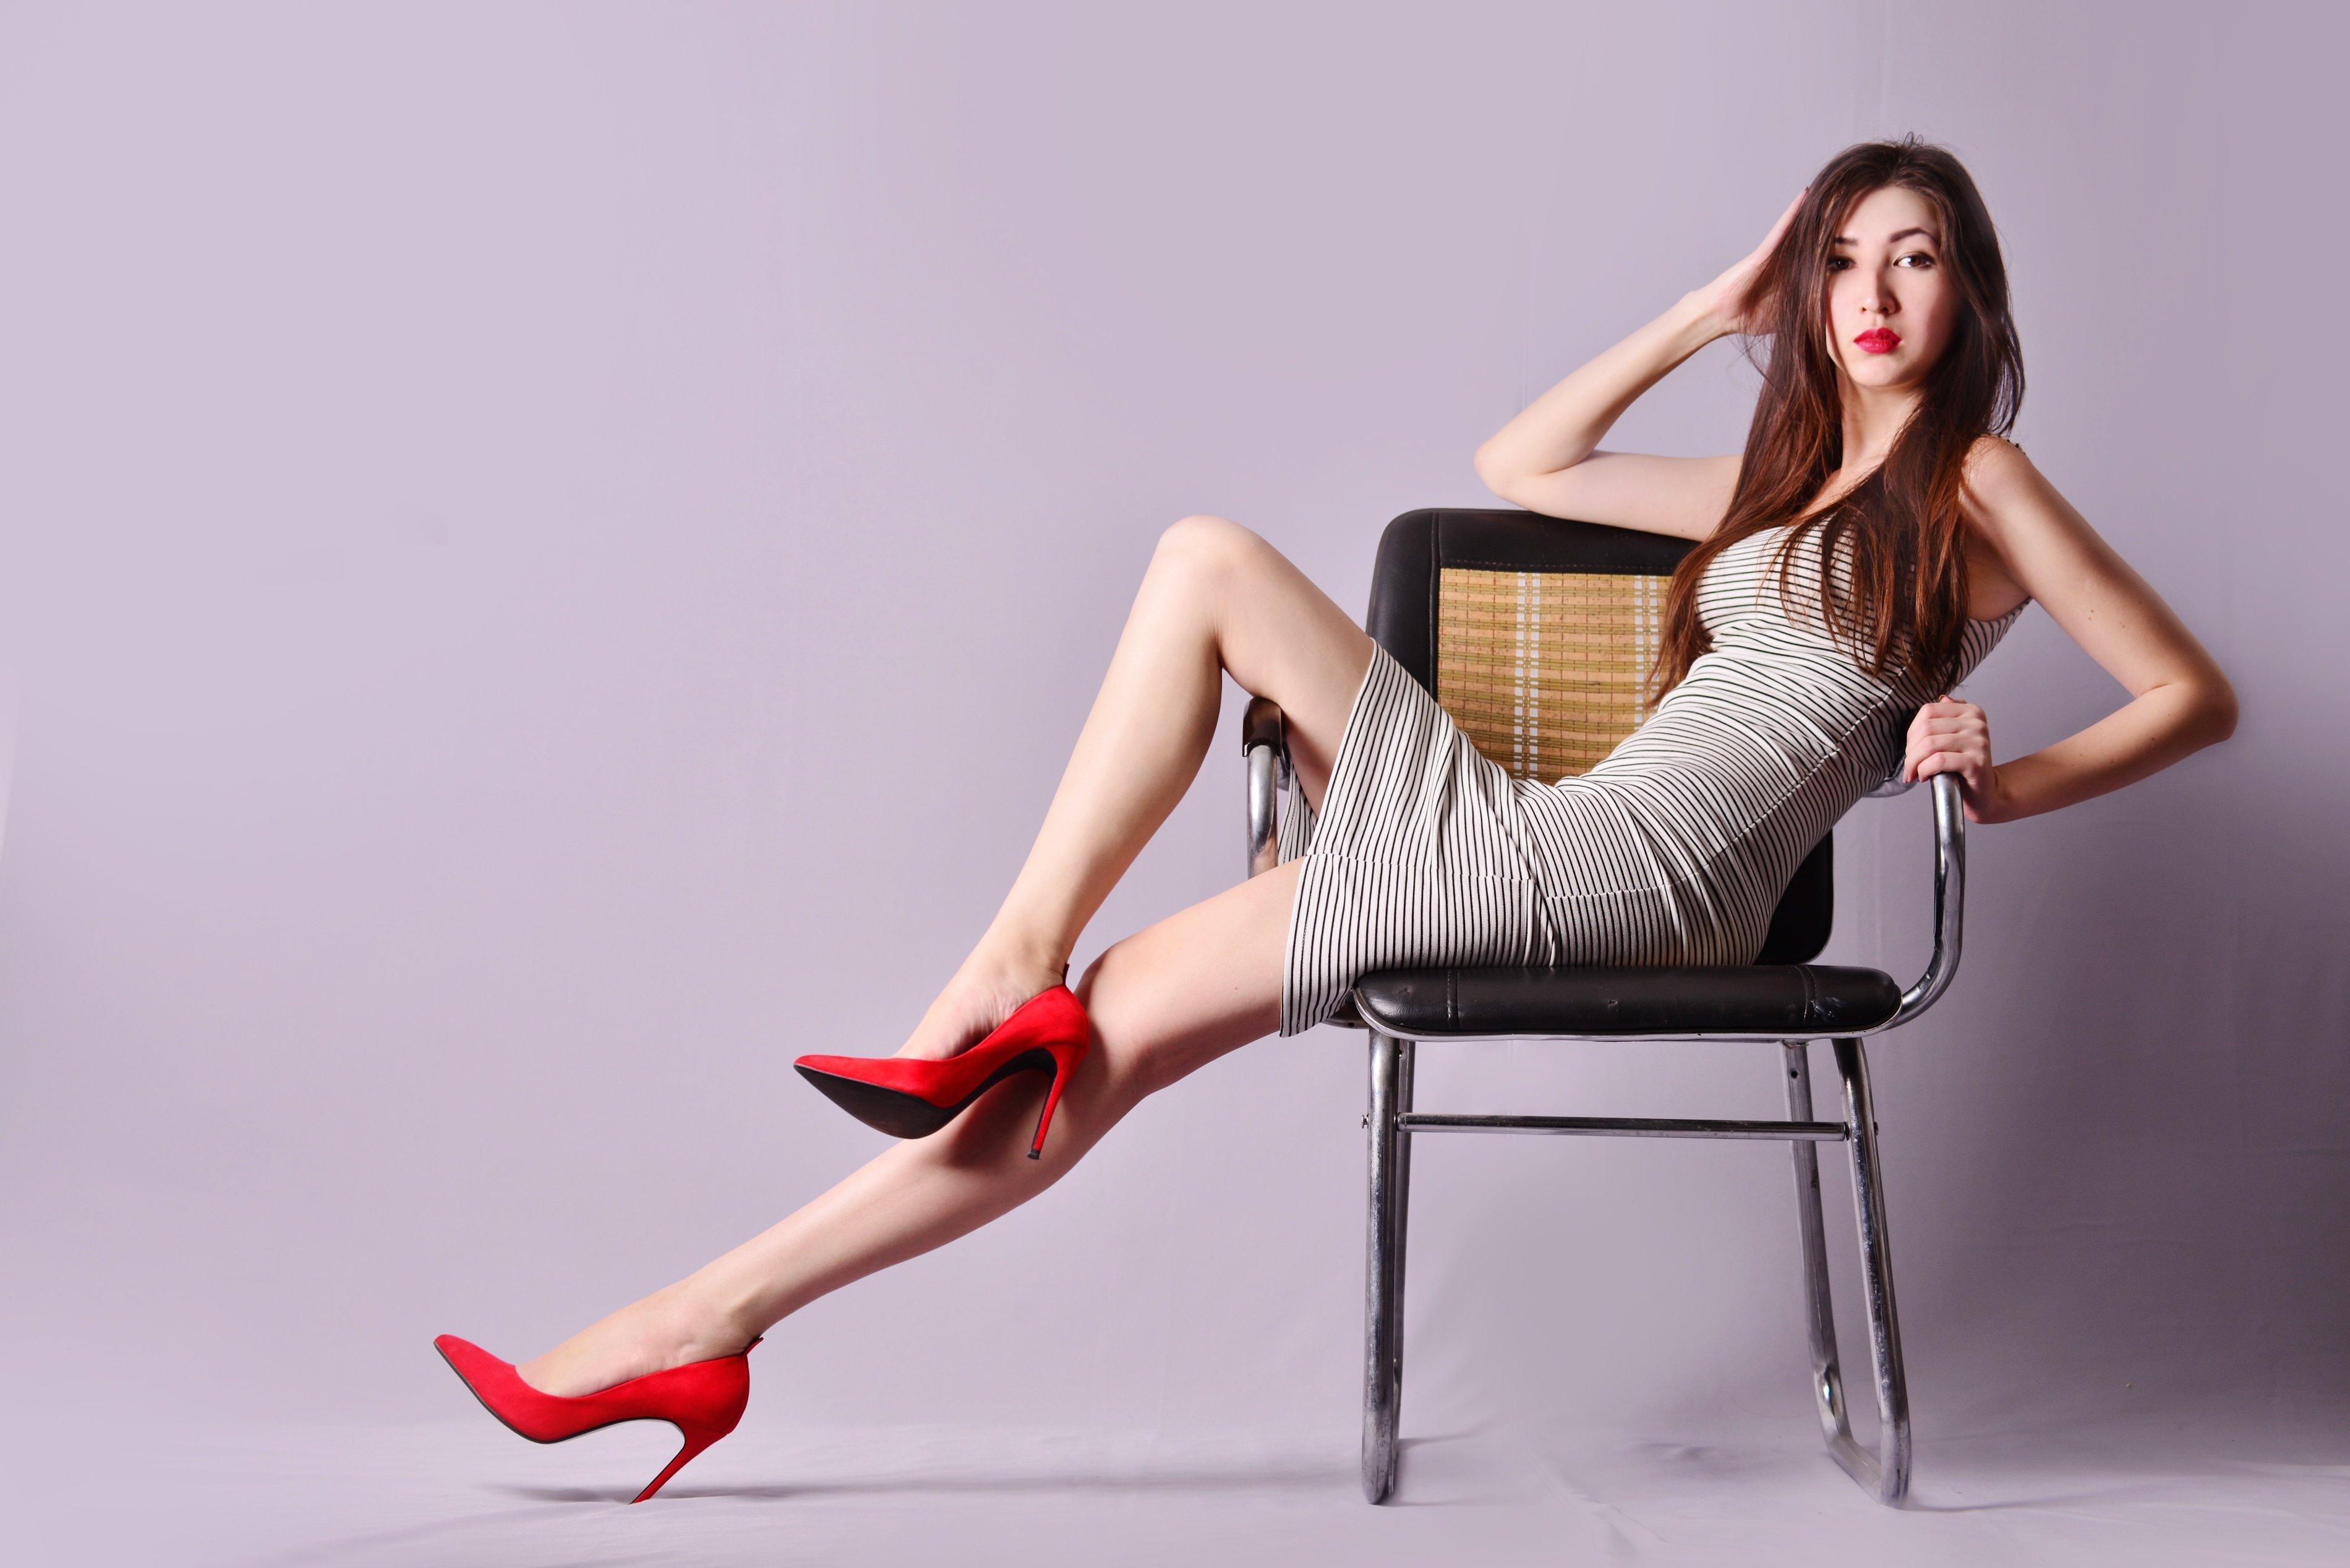 Zdarma ke stažení sex asijské 3gp